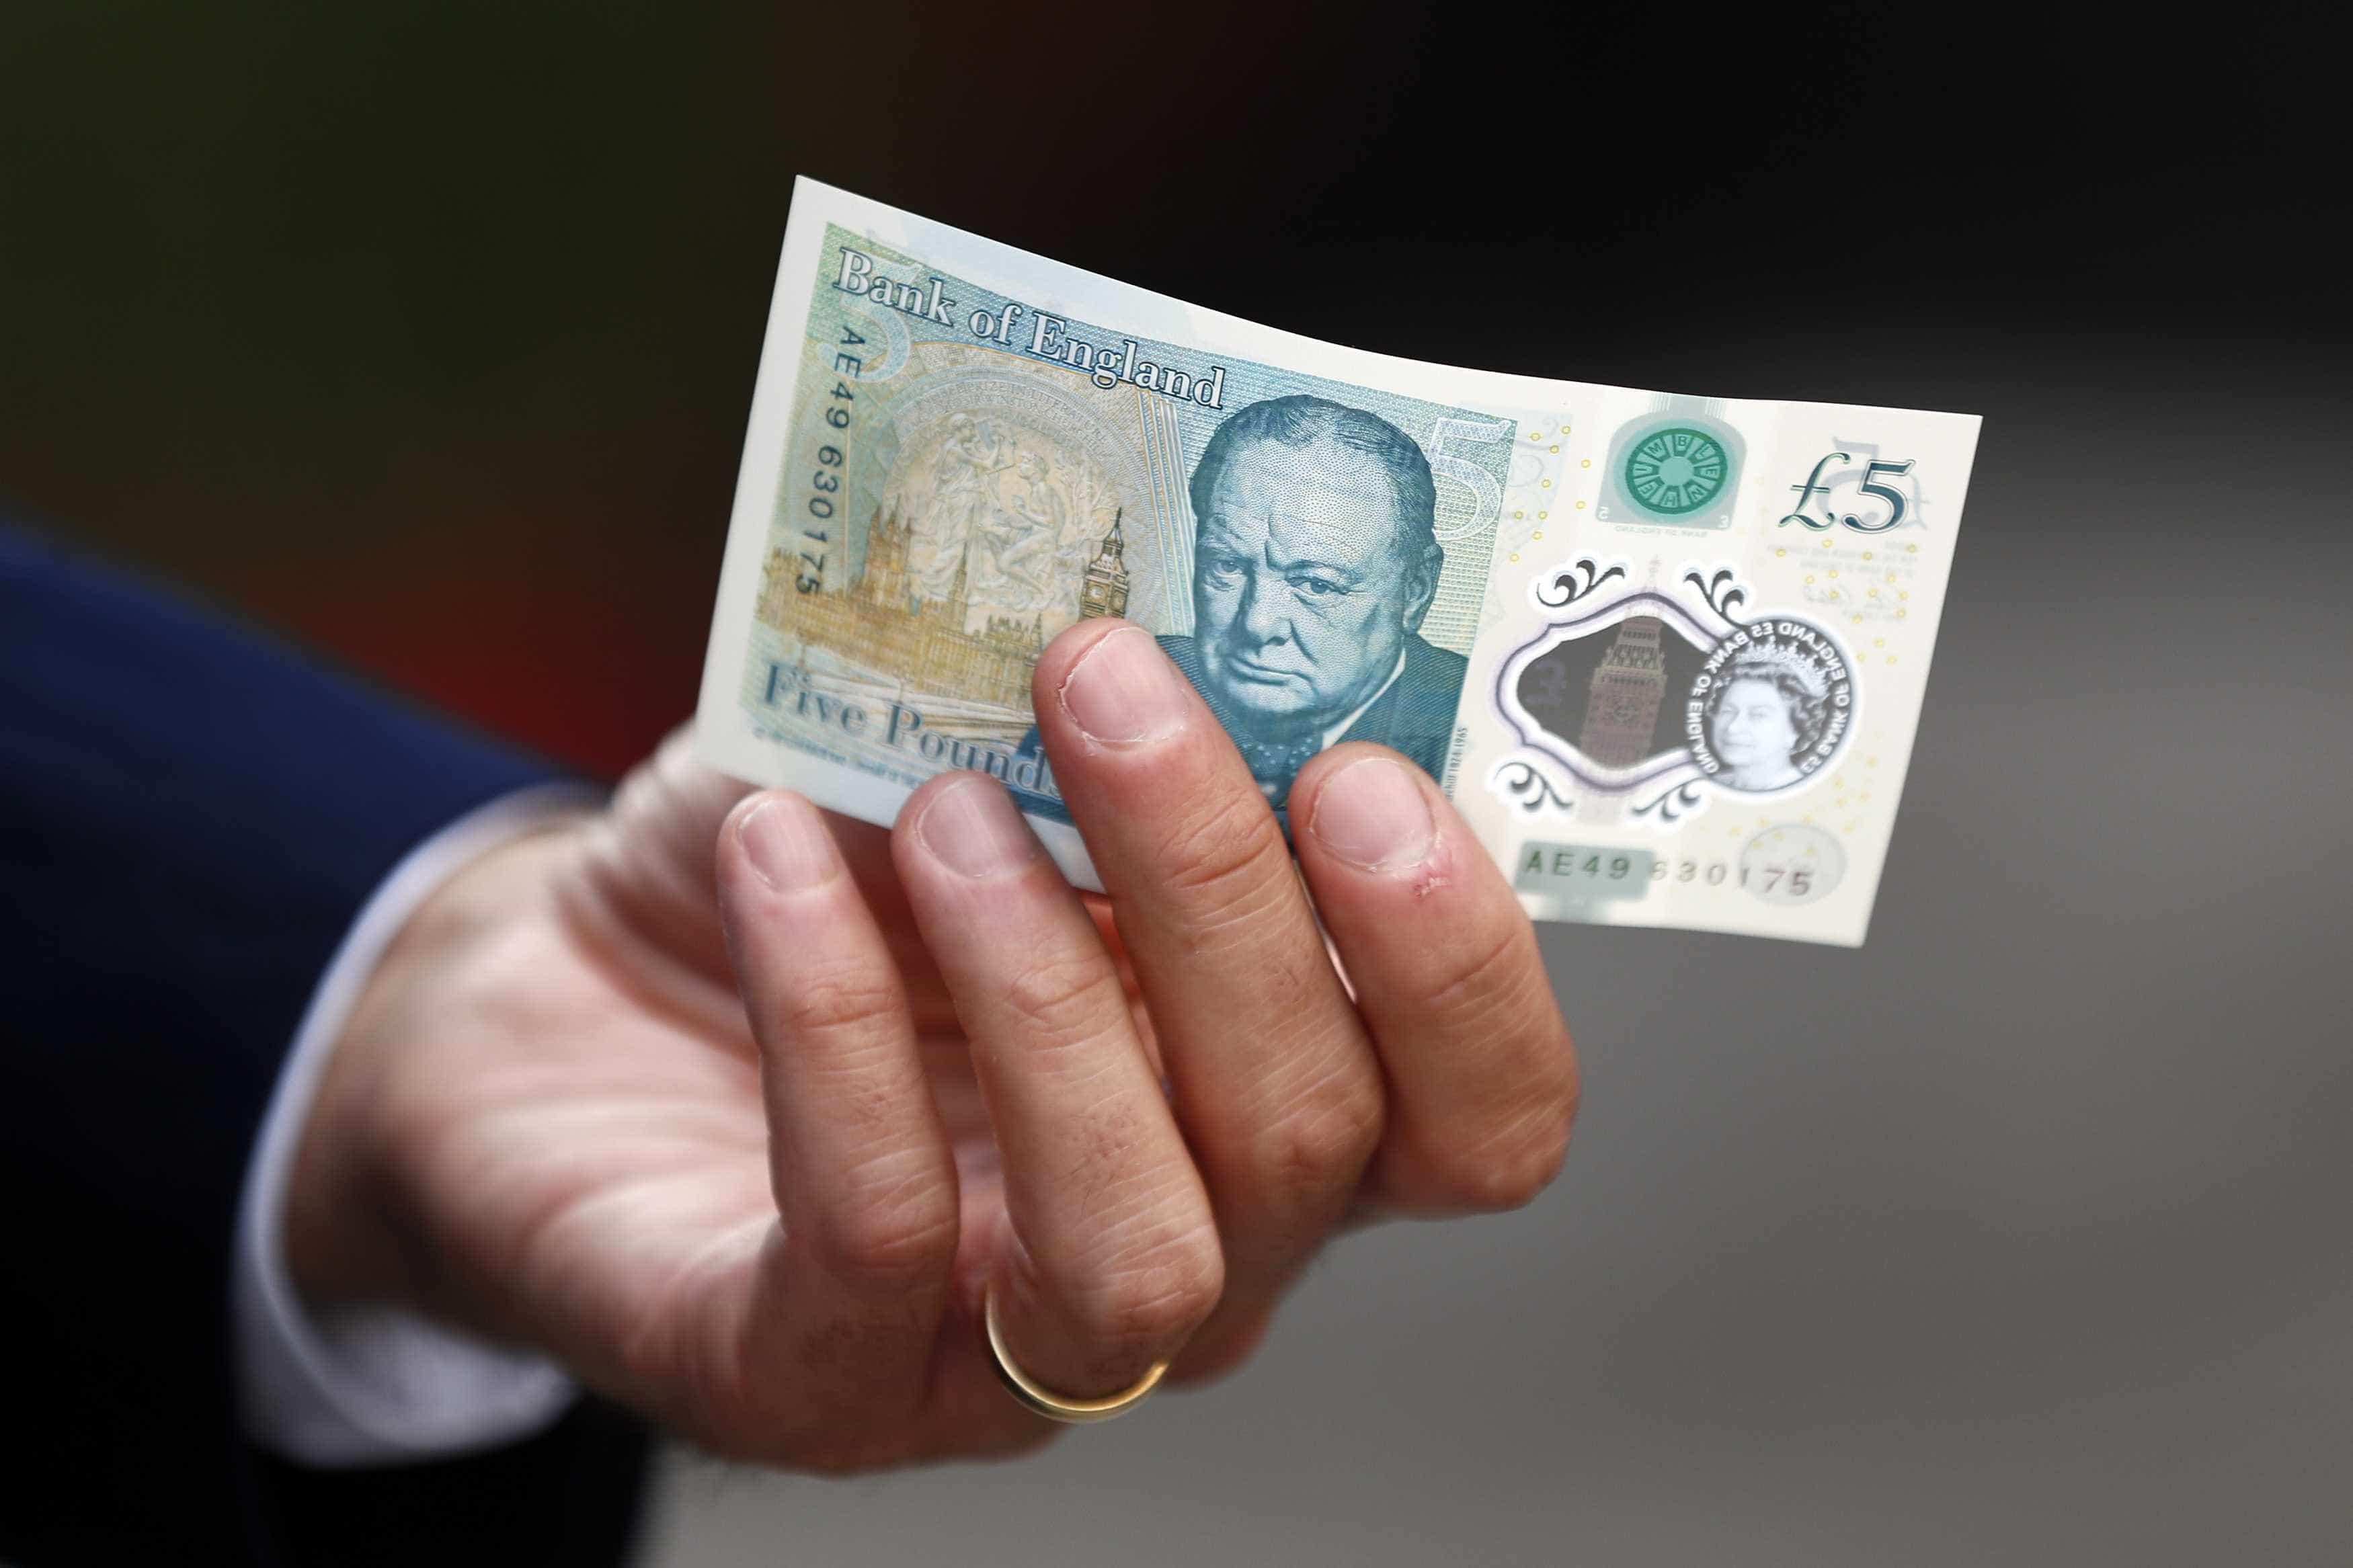 Ingleses reclamam de nova nota. Corta o nariz ao 'snifar' cocaína